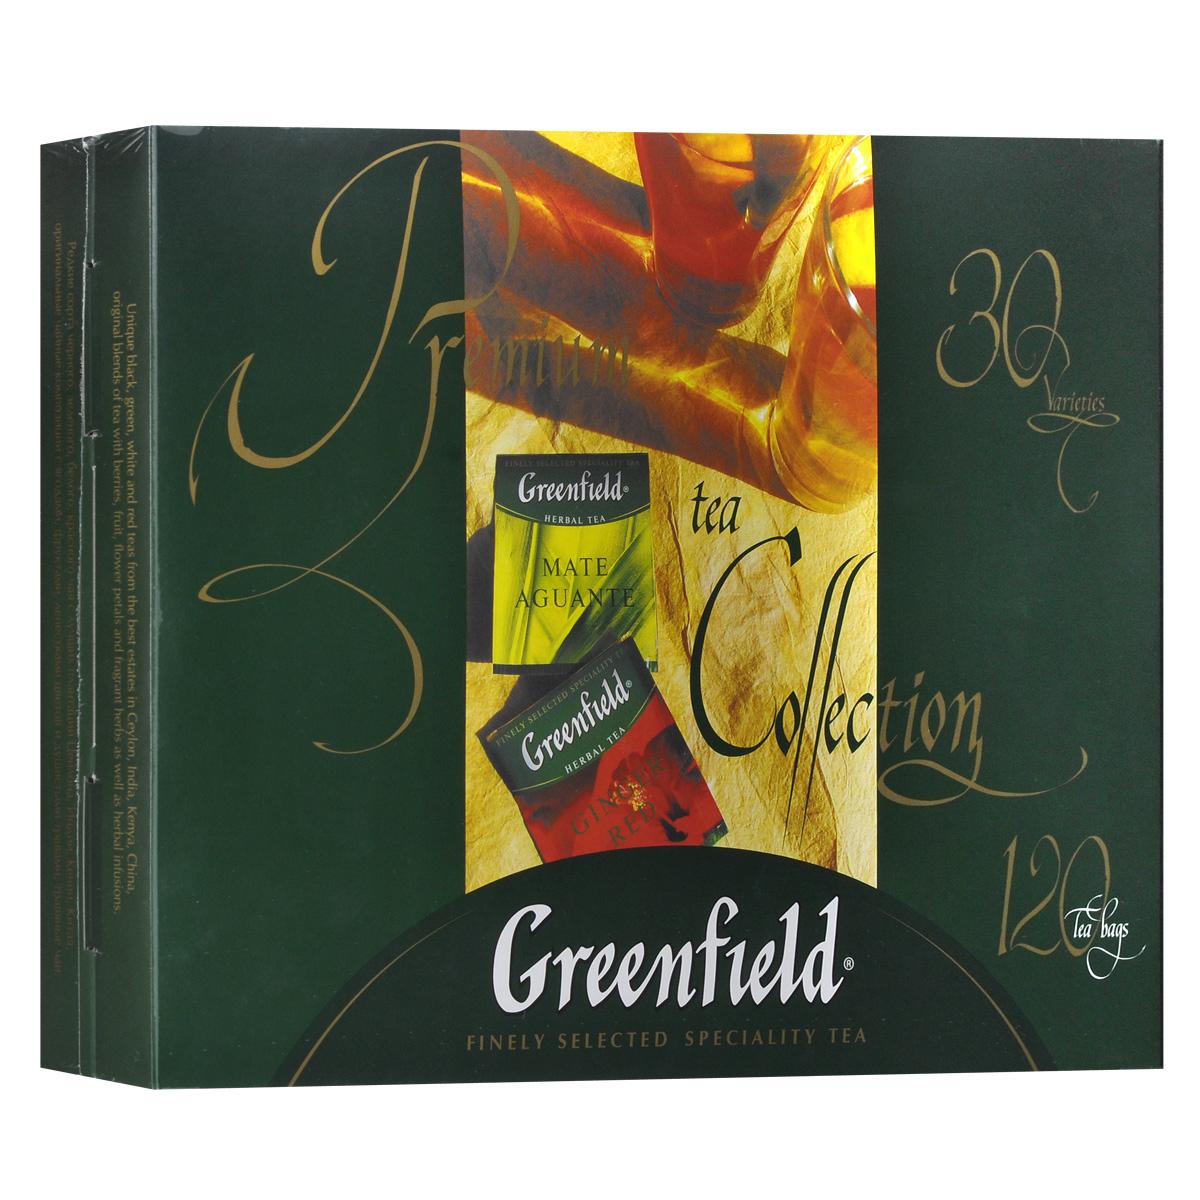 Greenfield набор изысканного чая и чай в пакетиках, 30 видов1074-08Редкие сорта черного, зеленого, белого, красного чая с лучших плантаций Цейлона, Индии, Кении, Китая и Японии. Оригинальные чайные композиции с ягодами, фруктами, лепестками цветов и душистыми травами, травяные чаи. В коробке с набором вложен буклет с описанием каждого вида чая из коллекции Greenfield. Голден Цейлон Премиум Ассан Классик Брекфаст Файн Джарджилинг Меджик Юньнань Деликат Кимынь Кениан Санрайз Эл Грей Фэнтази Милки Оолонг Флаинг Драгон Джапаниз Сенча Жасмин Дрим Крими Ройбош Рич Камомайл Матэ Агуантэ Самма Букет Джинджер Рэд Фестив Грэйп Лотос Бриз Грин Мелисса Тропикал Мавел Манго Делайт Блюберри Найтс Кристмас Мистери Истэ Чиэ Спринг Мелоди Барбери Гарден Лемон Спарк Ванила Вэйв Шоколад Тоффи